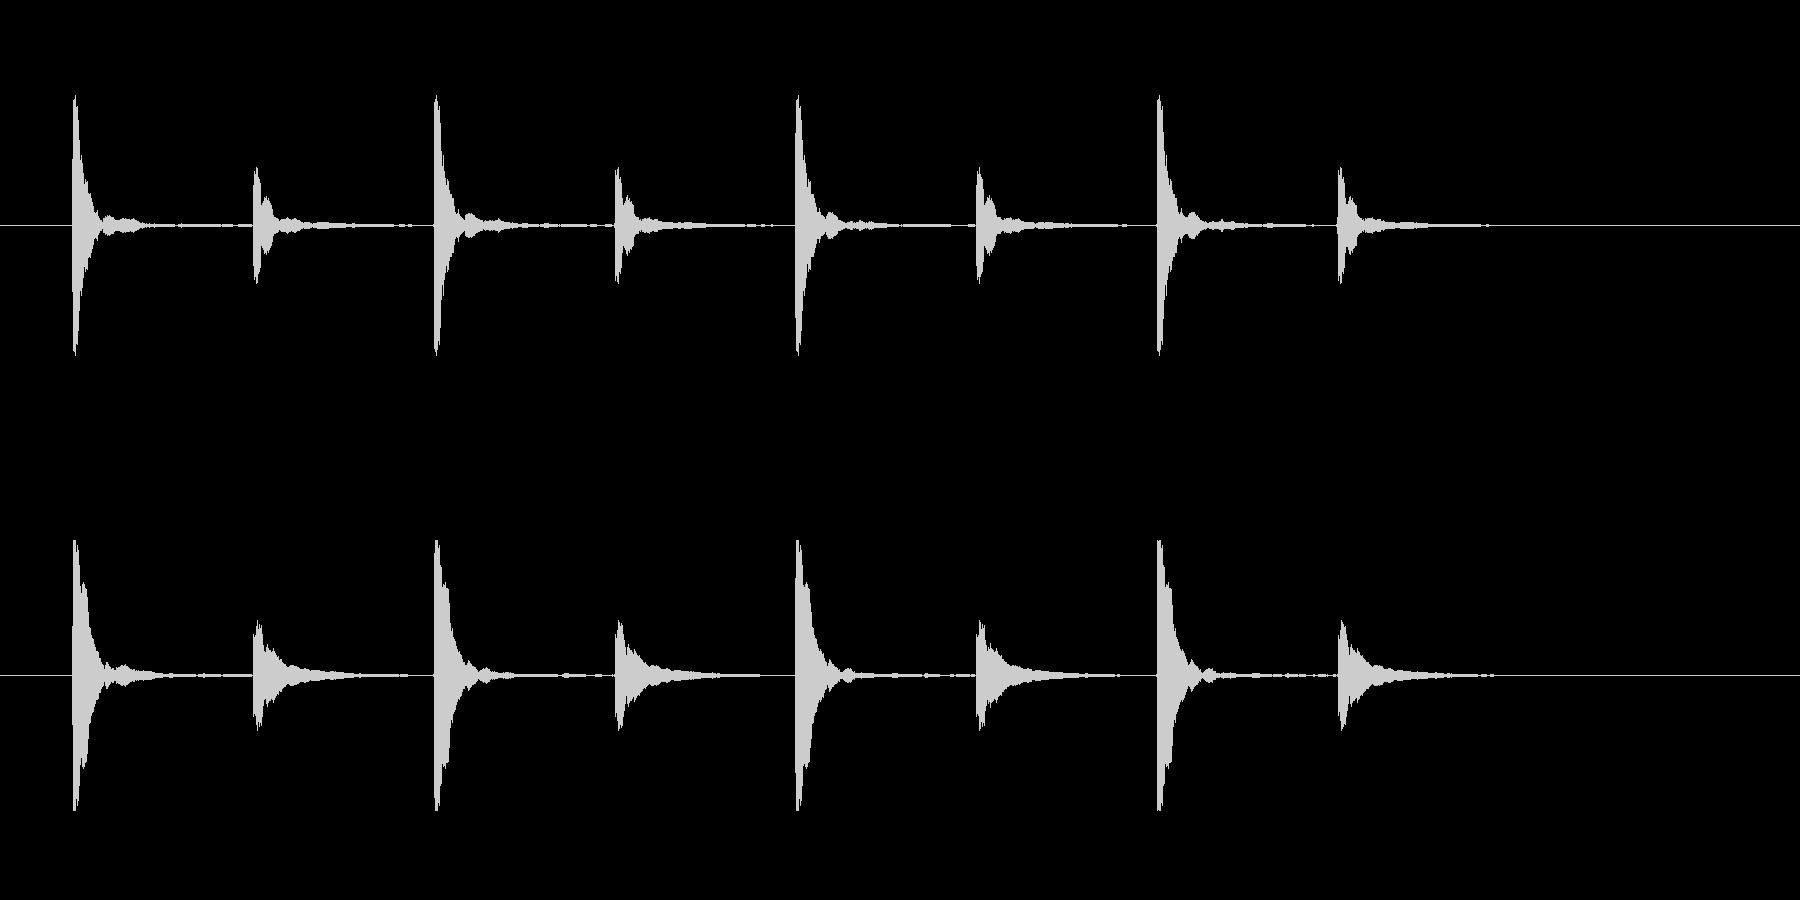 クイズ思考タイム用チックッタックッ×4回の未再生の波形